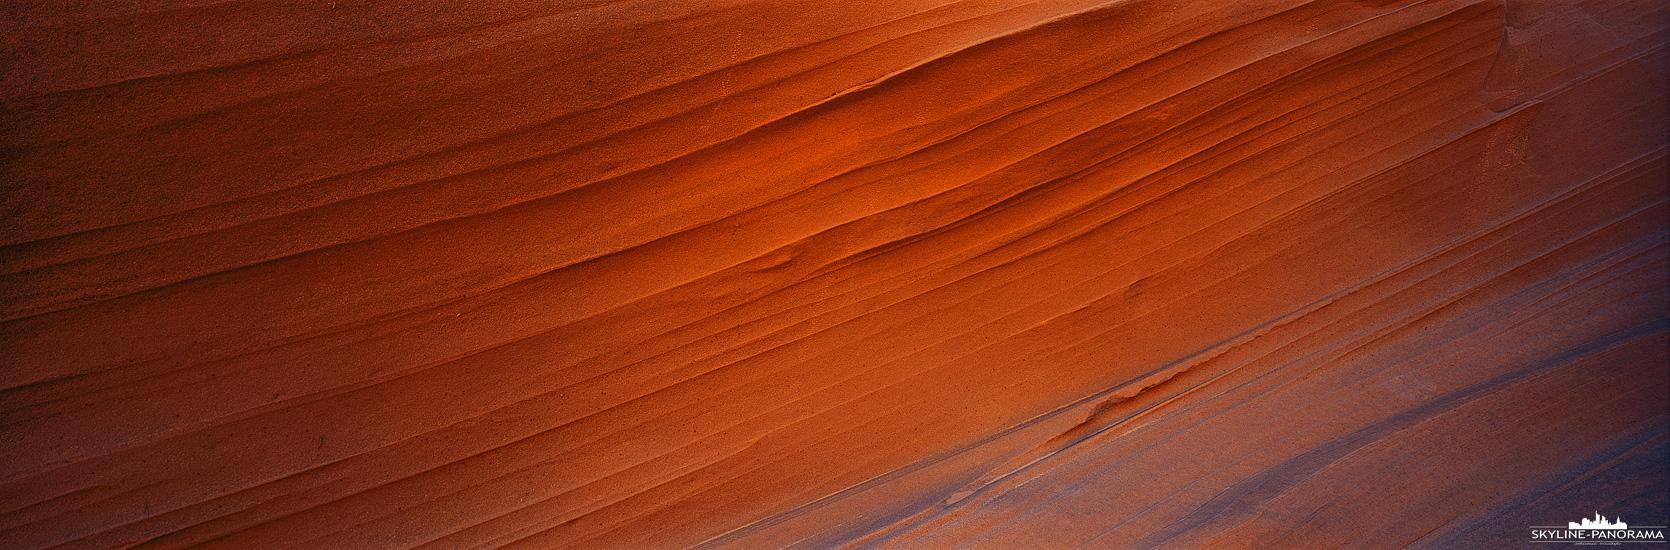 Slot Canyon in Page Arizona - Viele Jahre lang hat sich das Wasser durch den Sandstein gearbeitet und dabei diese, für fließendes Wasser typischen, Strukturen hinterlassen. Das 6x17 Panorama entstand im unteren Teil des Waterhole Canyon in Page Arizona.